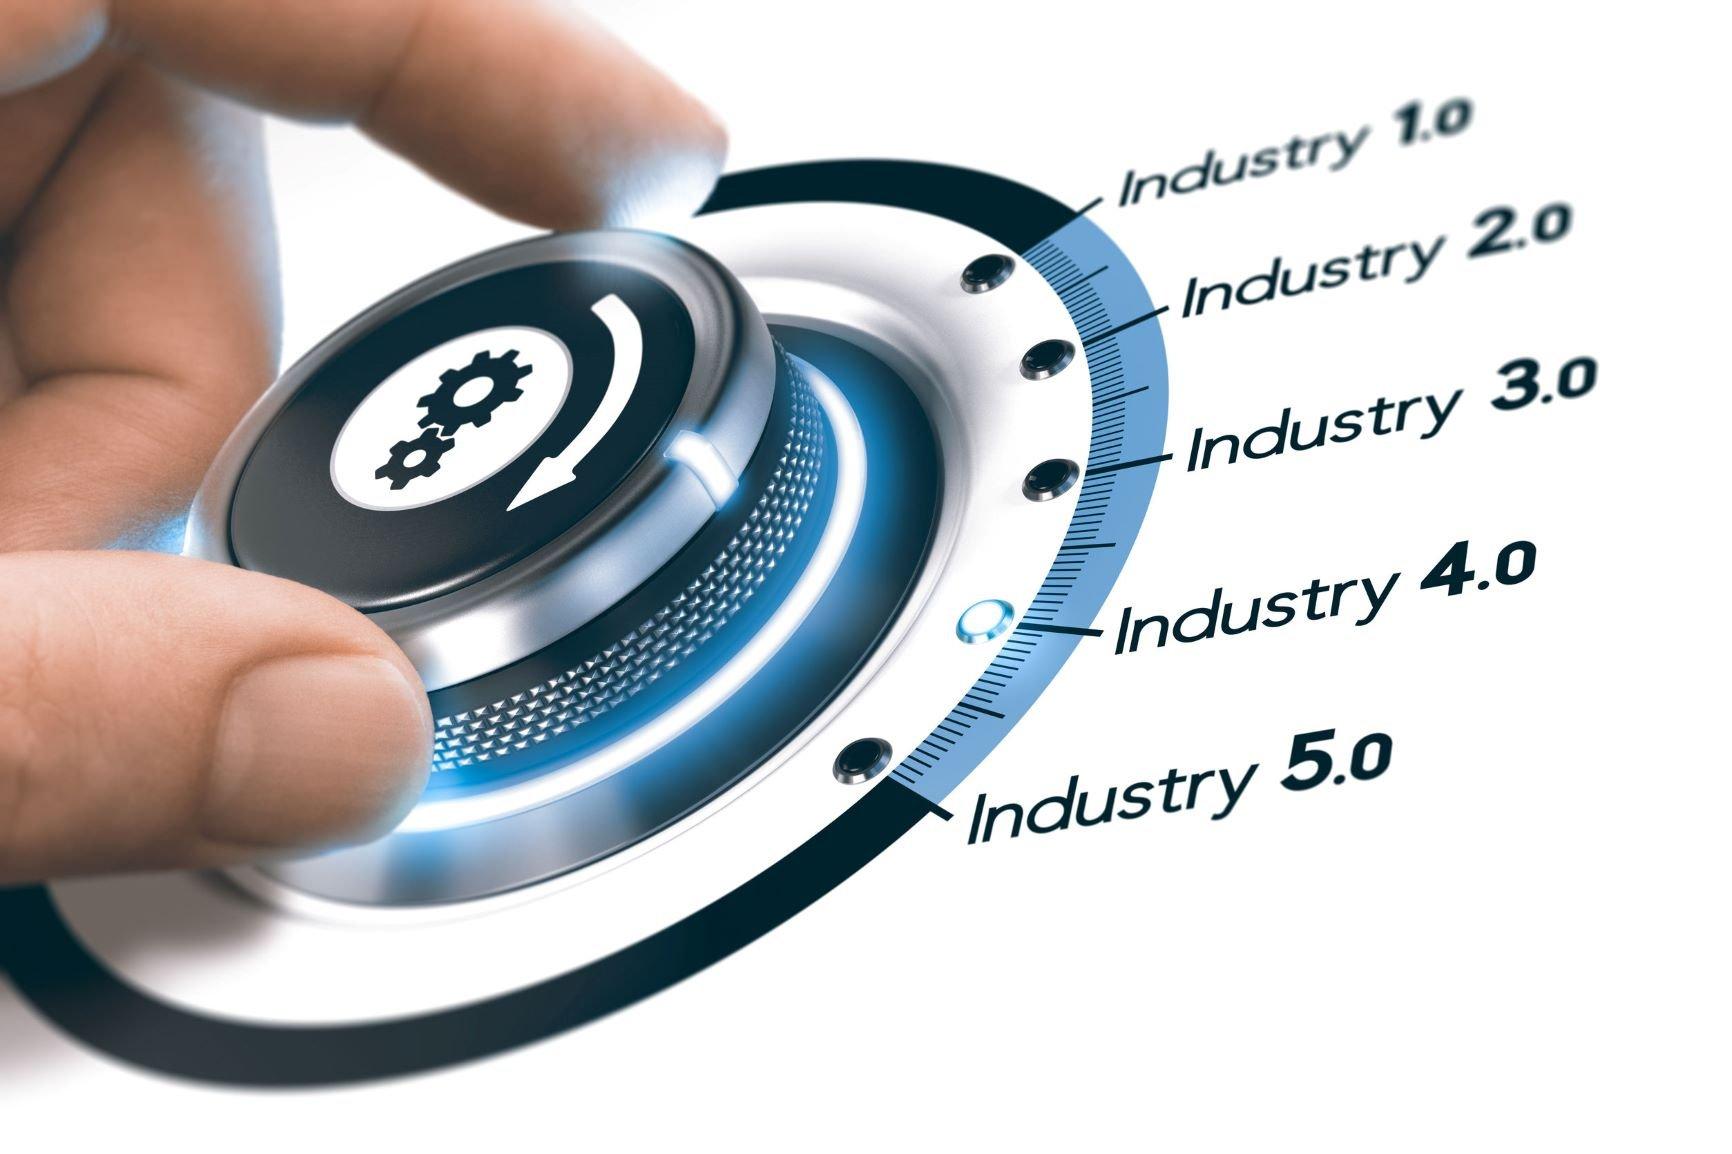 ekonomi Singapura, tantangan industri 4.0, pertumbuhan ekonomi SIngapura